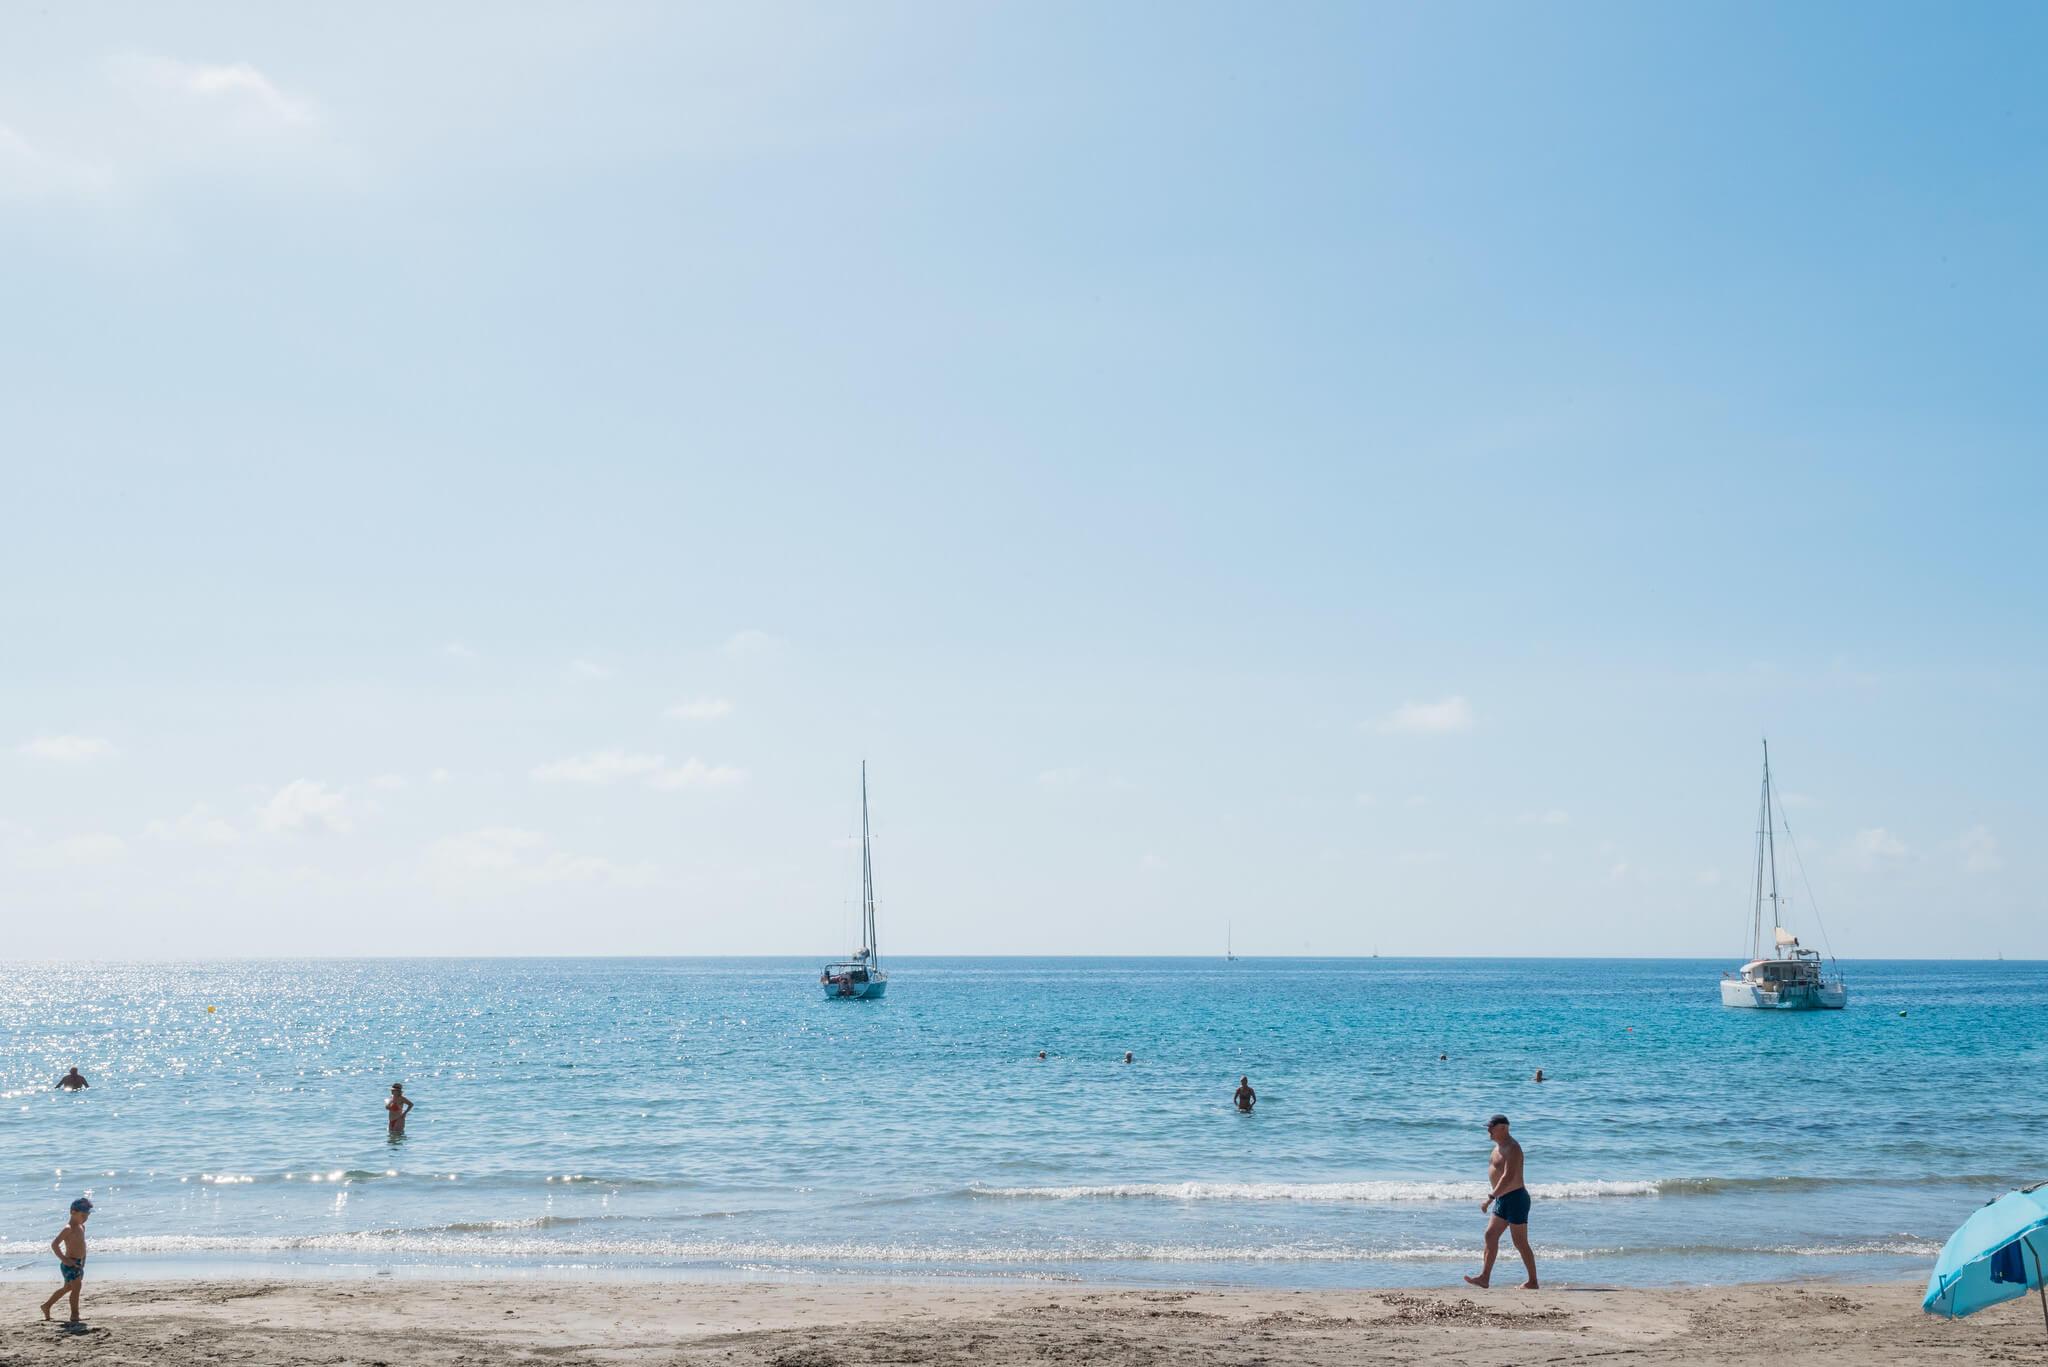 https://www.white-ibiza.com/wp-content/uploads/2020/03/ibiza-beaches-cala-de-boix-02.jpg